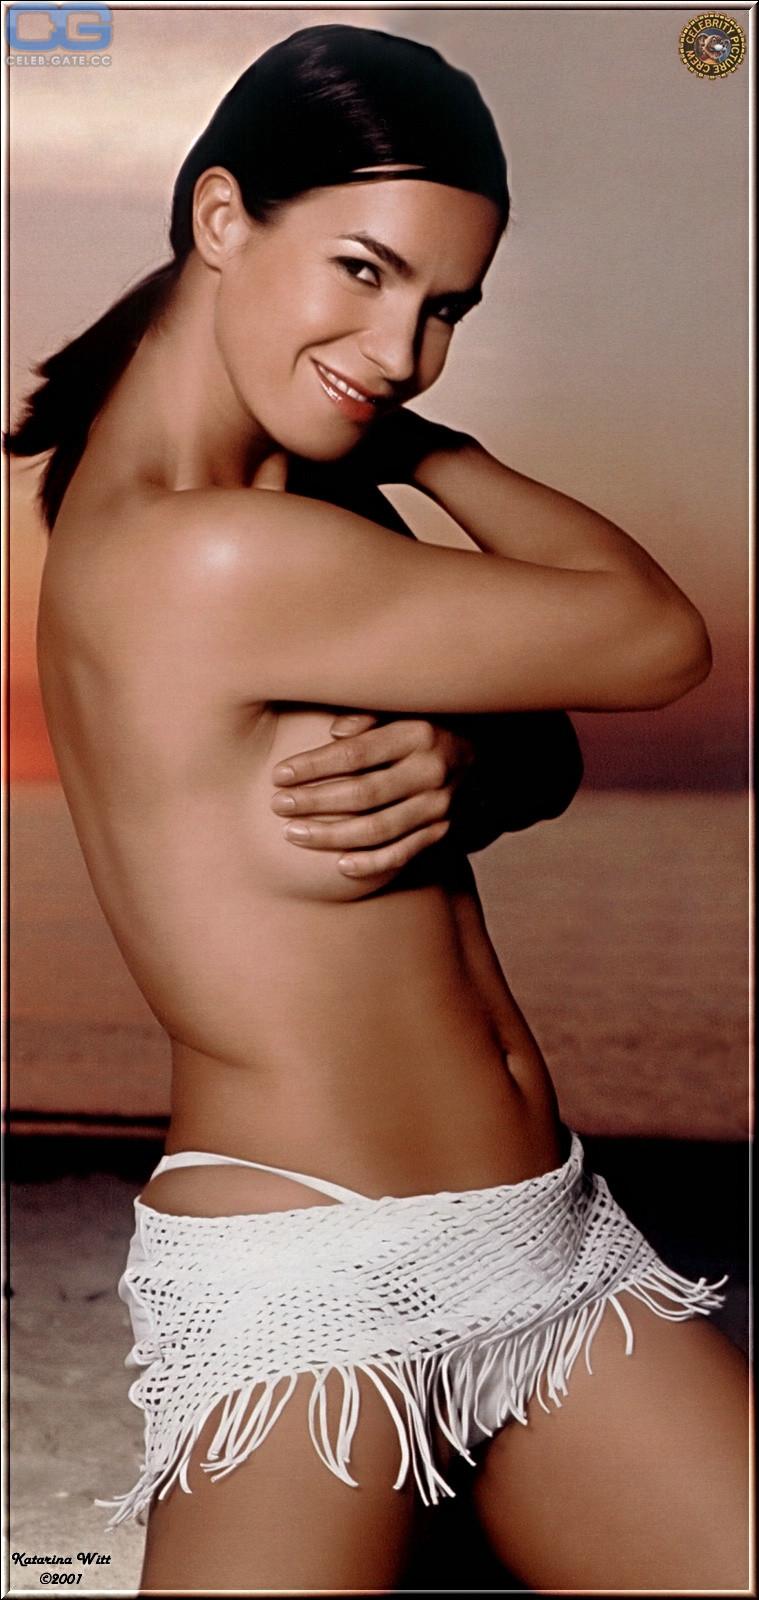 Katarina witt nacktbilder